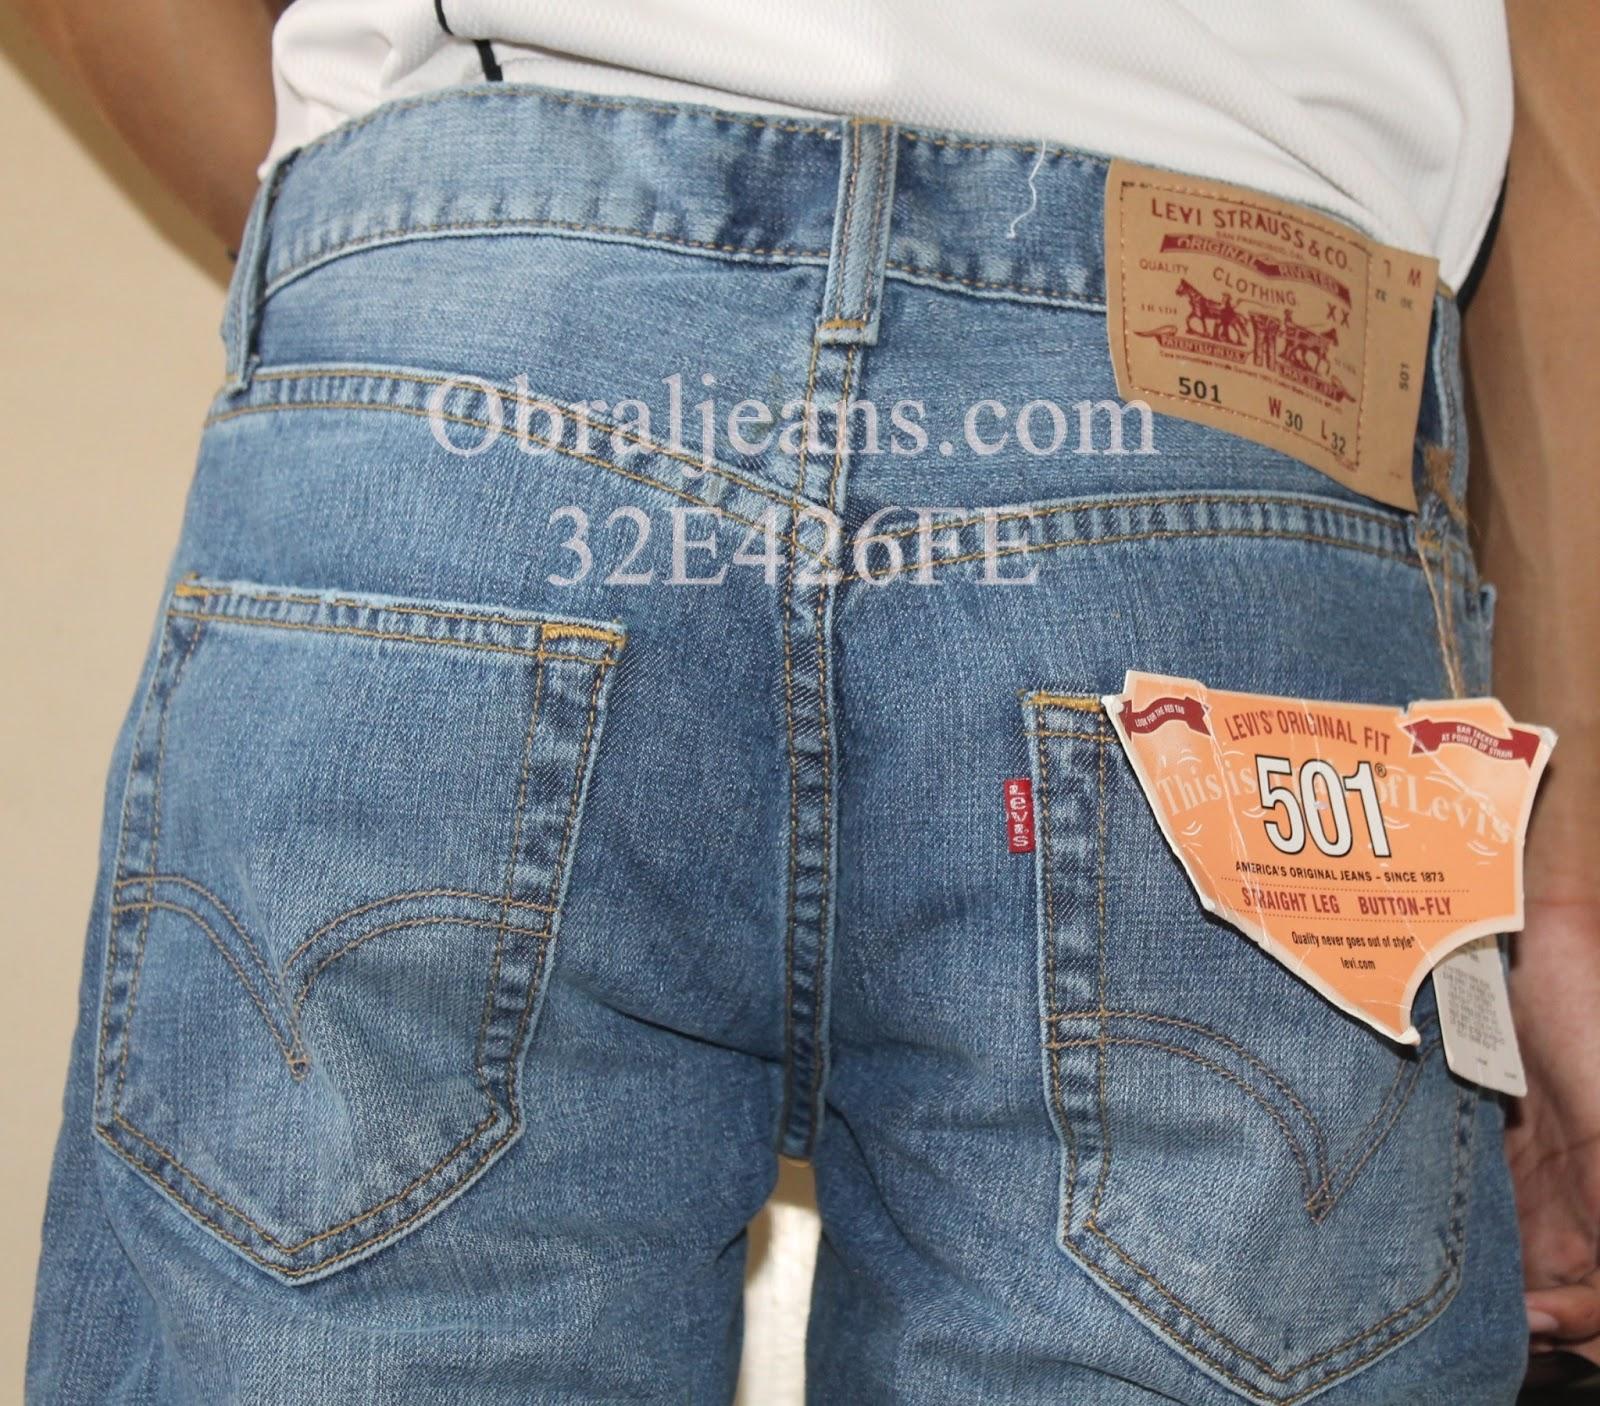 Jual Jeans Murah Harga Obral Celana Levis Pendek 501 Original Biru Muda Rp 349000 Grosir 329000 Kw Super 100000